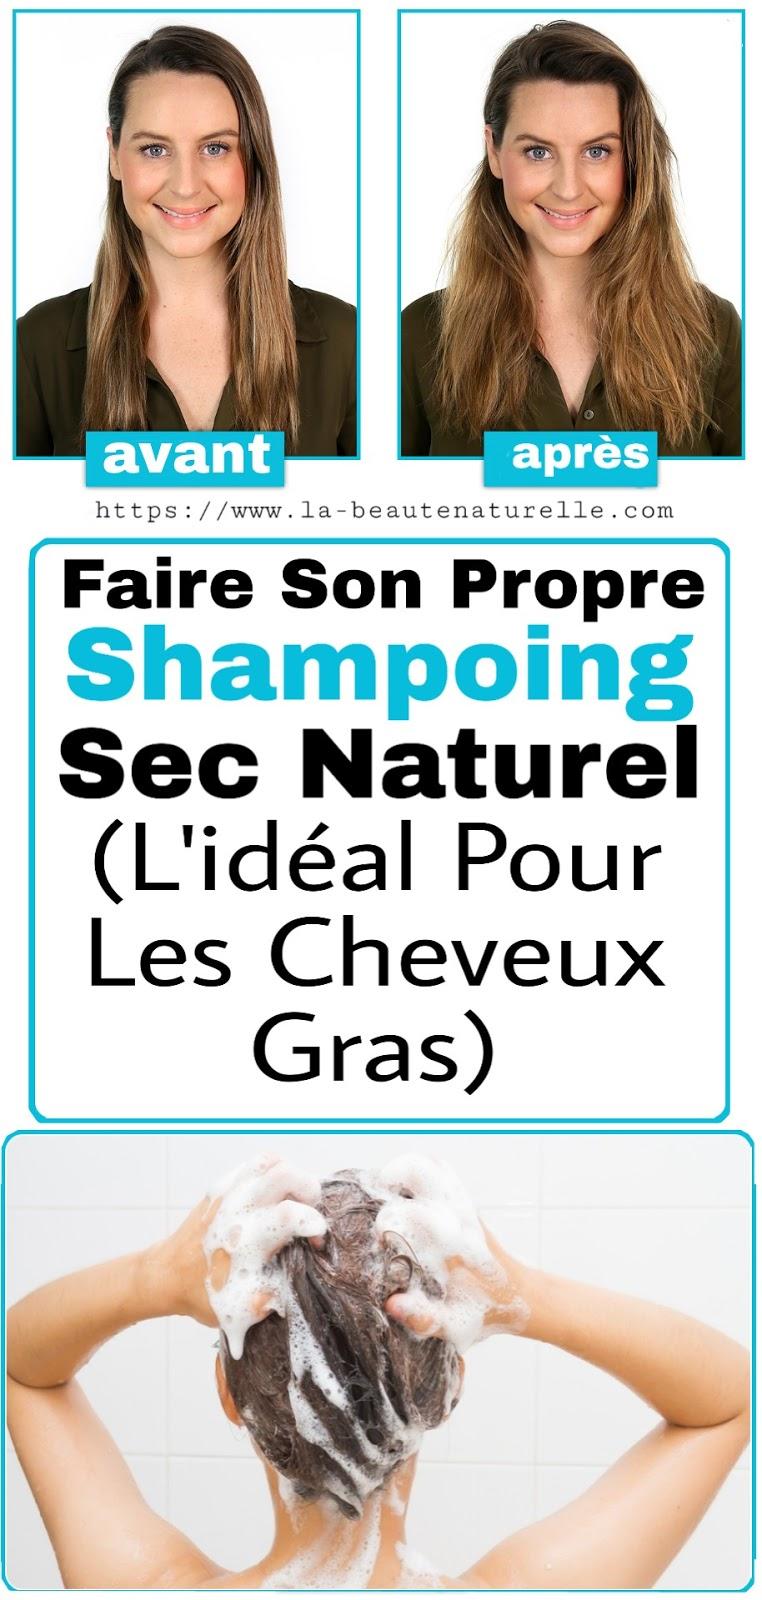 Faire Son Propre Shampoing Sec Naturel (L'idéal Pour Les Cheveux Gras)